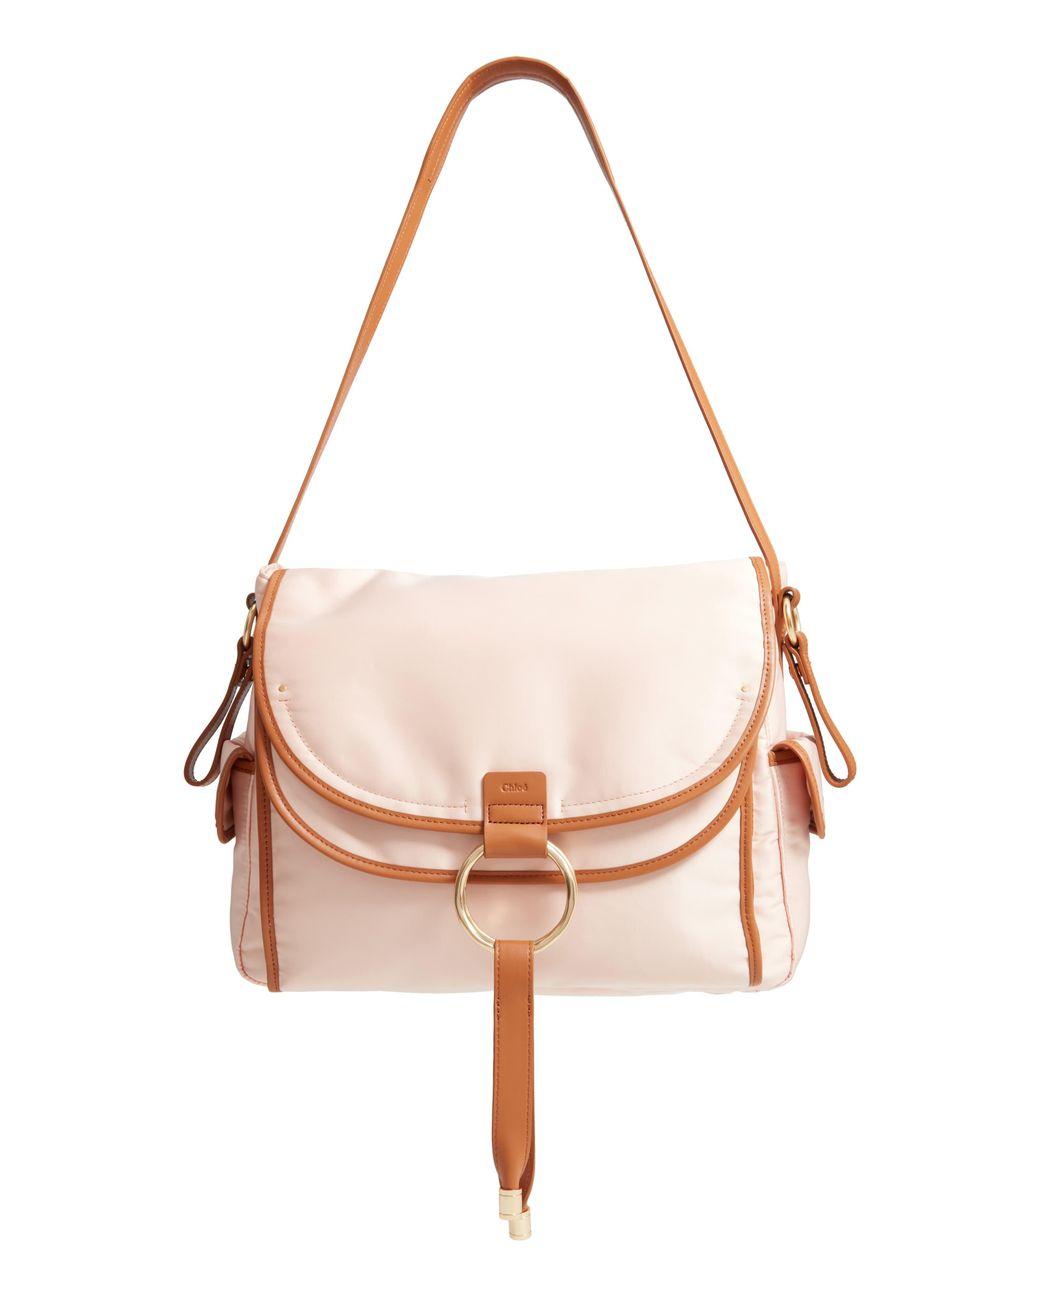 a7fb5d953 Chloé Chloé Diaper Bag in Pink - Lyst